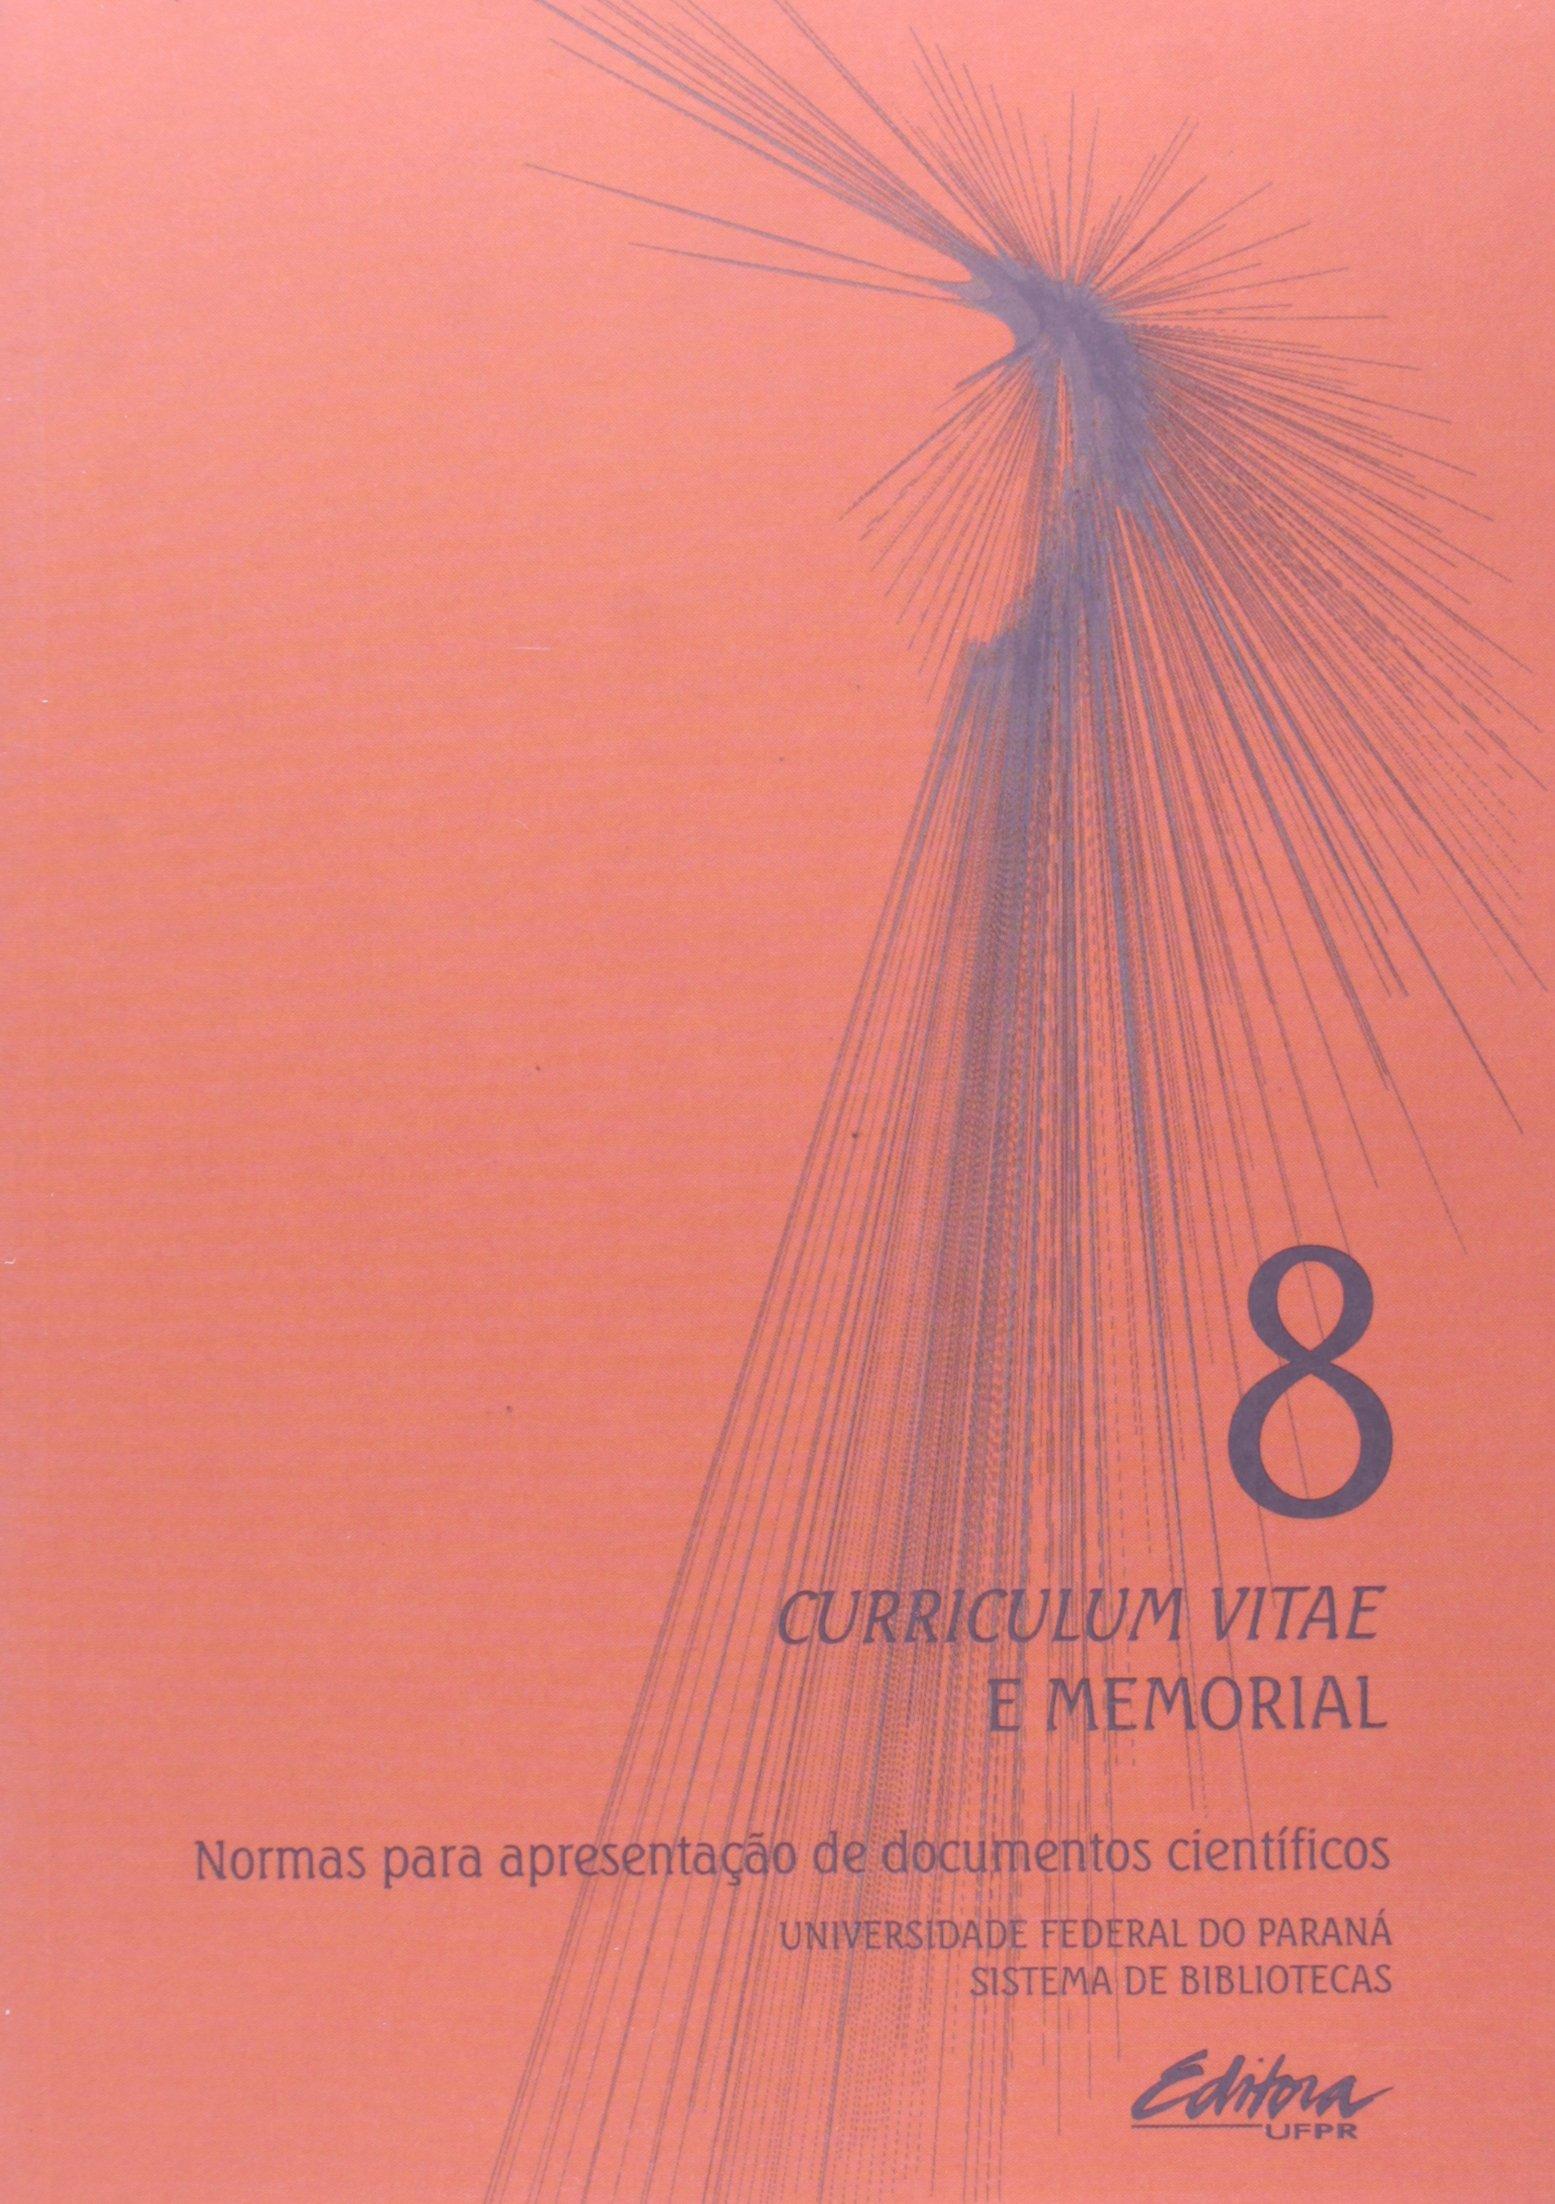 Normas Para Apresent. De Doc. Cient. - V. 08 - Curriculum Vitae E Memo (Em Portuguese do Brasil) pdf epub